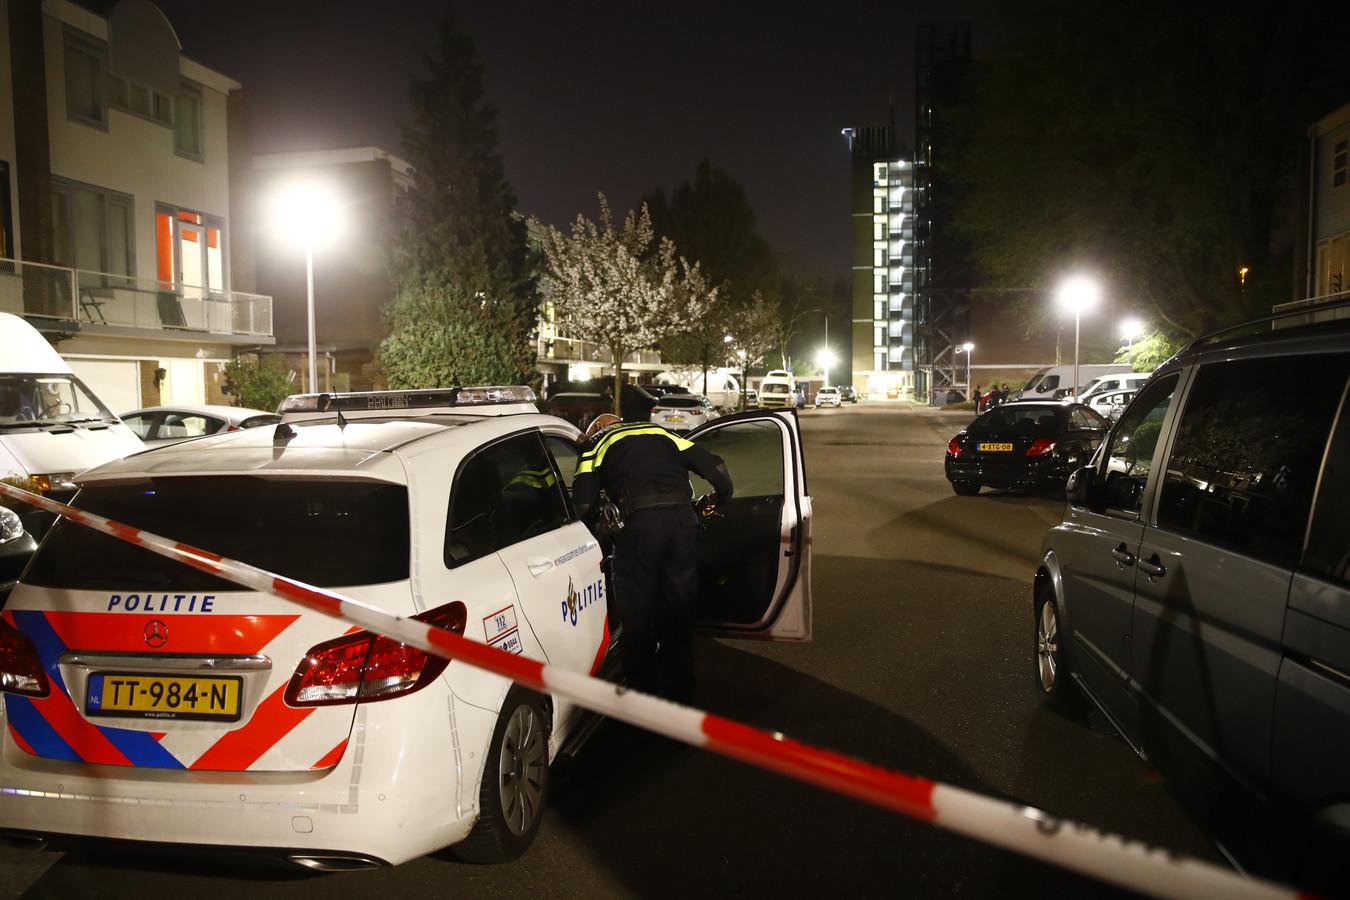 De politie zette zaterdagavond de Alm in Zwolle af nadat geprobeerd was een molotovcocktail tegen een woning te gooien. De schade bleef beperkt.